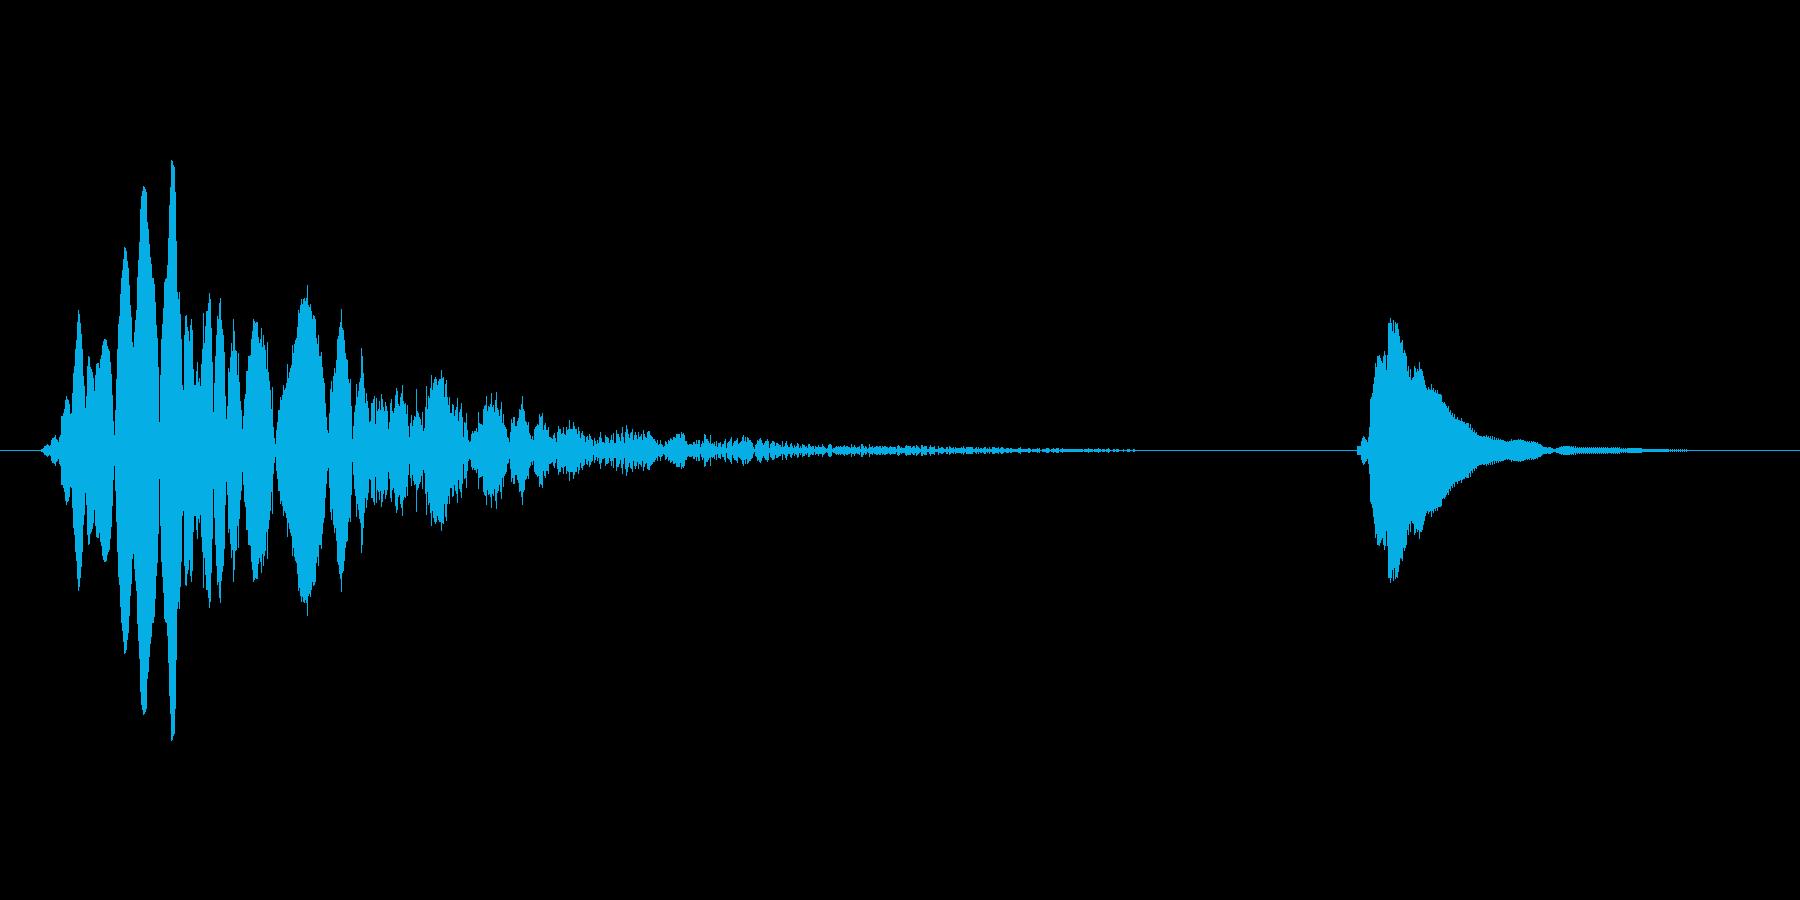 【間抜けな音】ぴょわわわぁ〜...コンの再生済みの波形